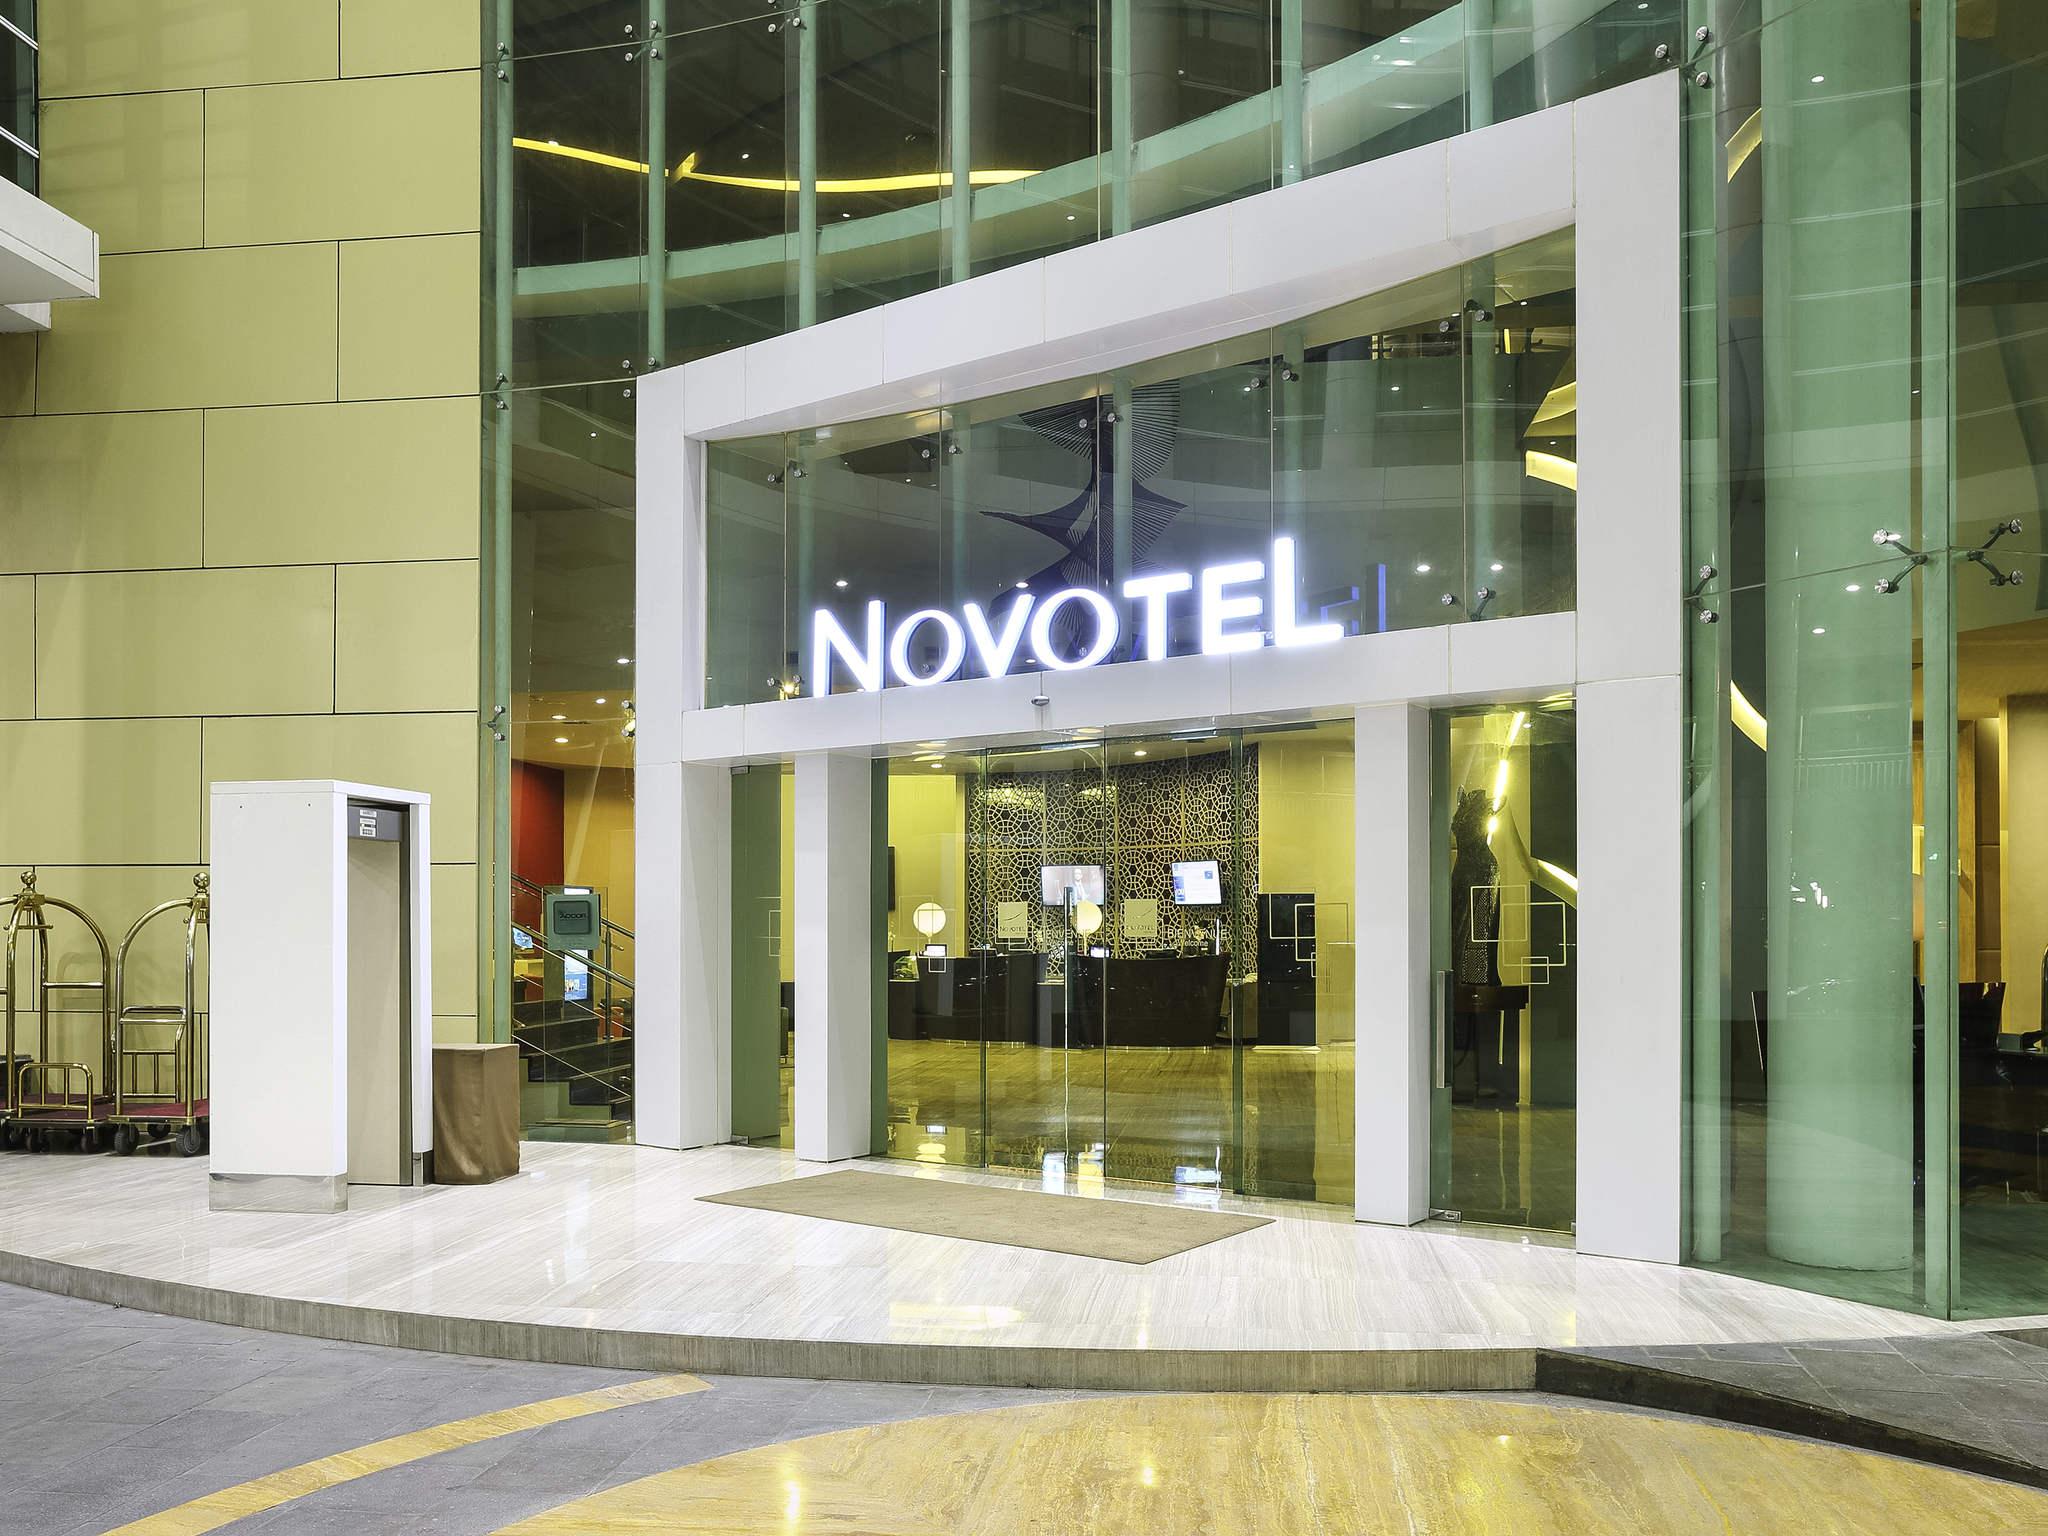 Отель — Novotel Джакарта Гаджа Мада